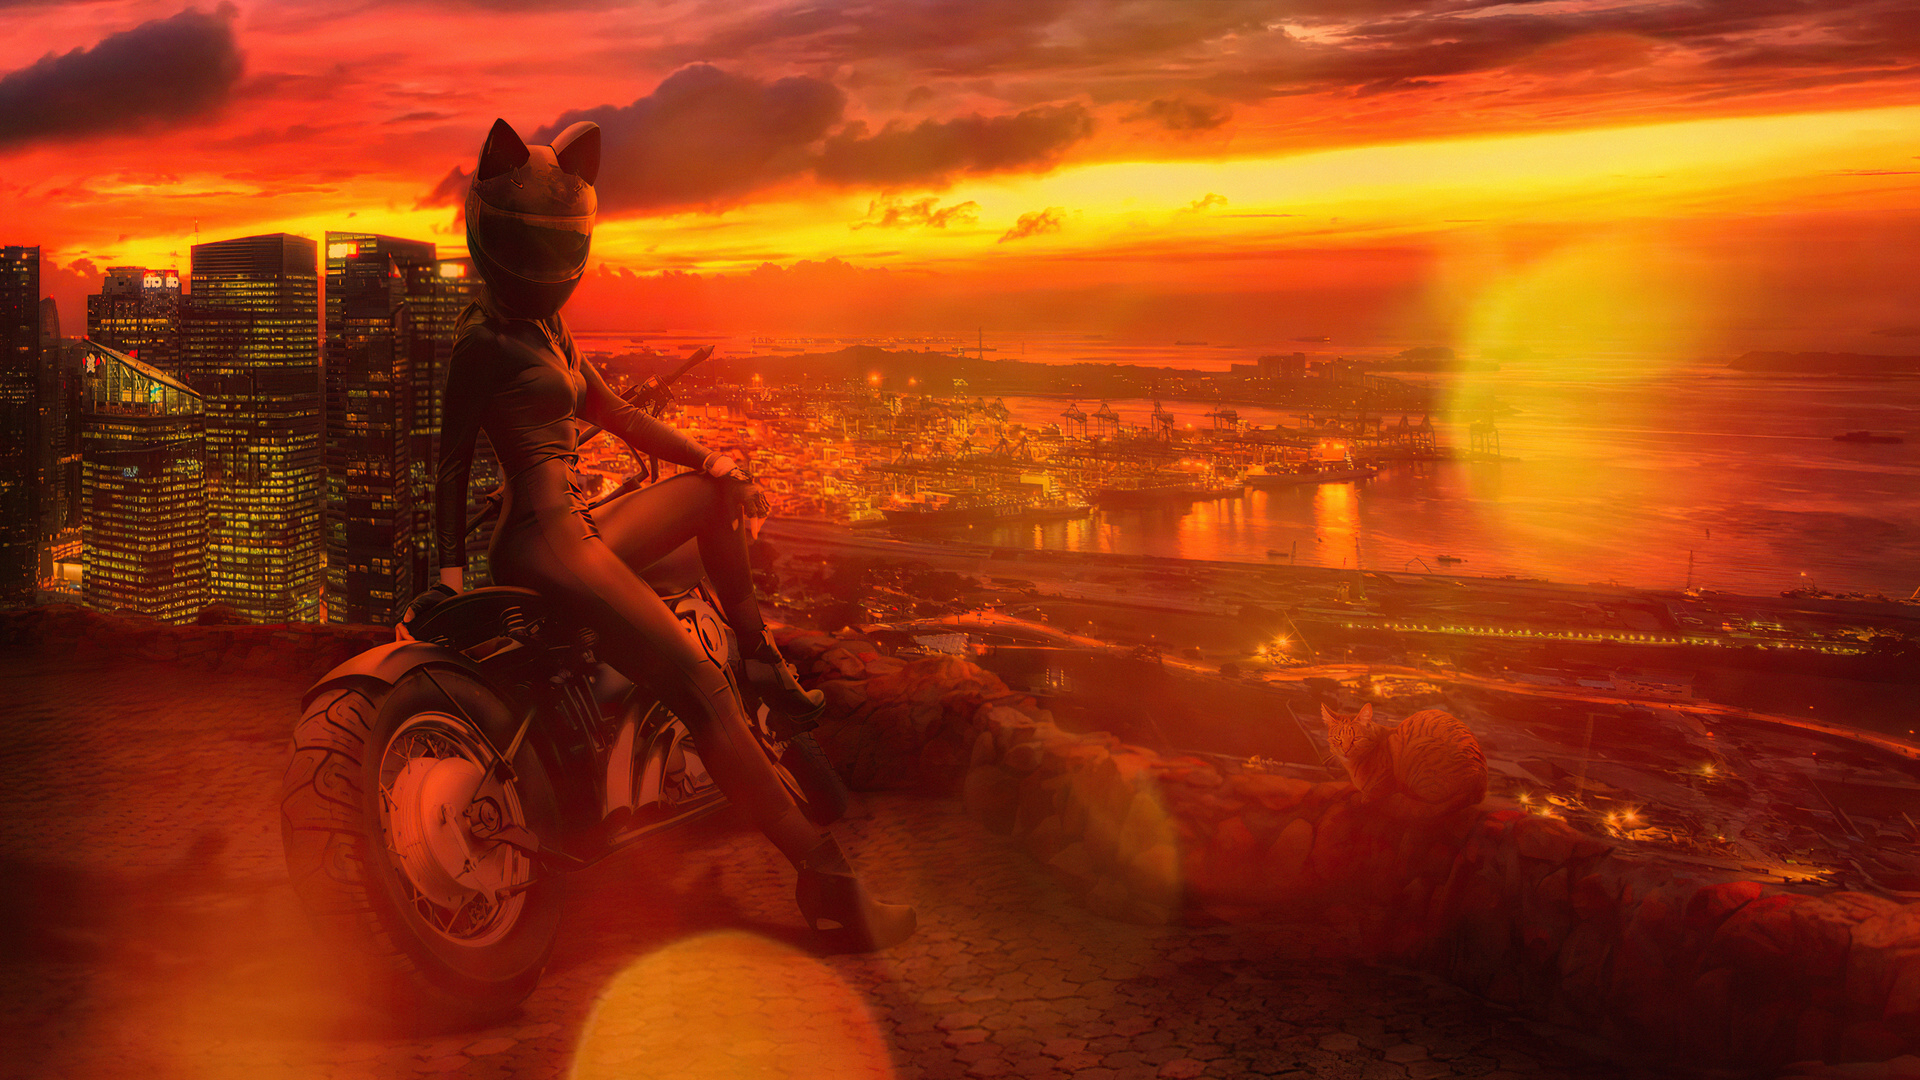 girl, cat, helmet, девушка, мотоцикл, шлем